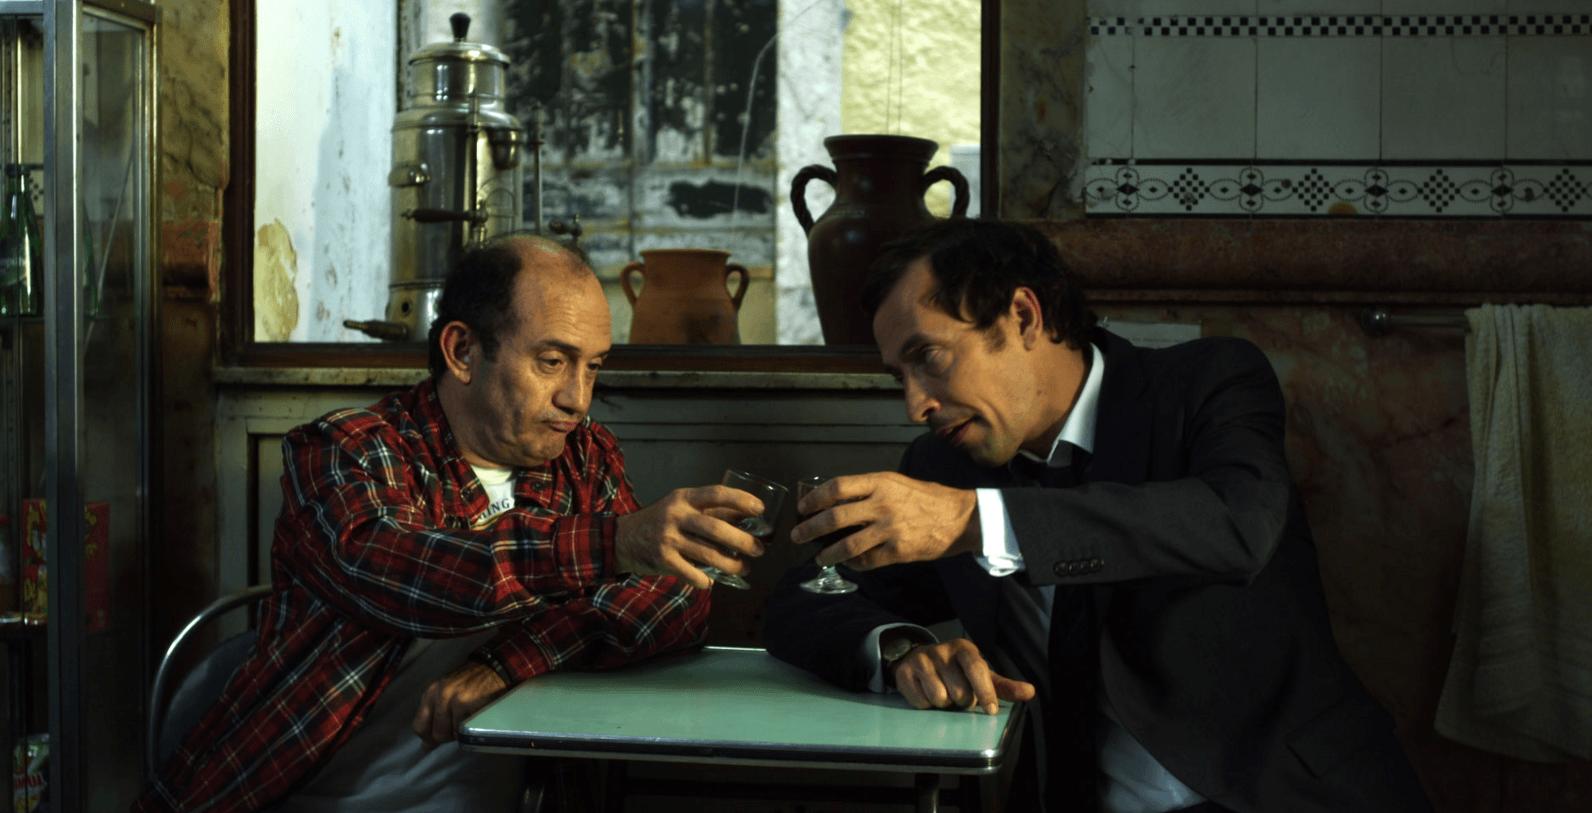 Filmin dedica ciclo a José Fonseca e Costa